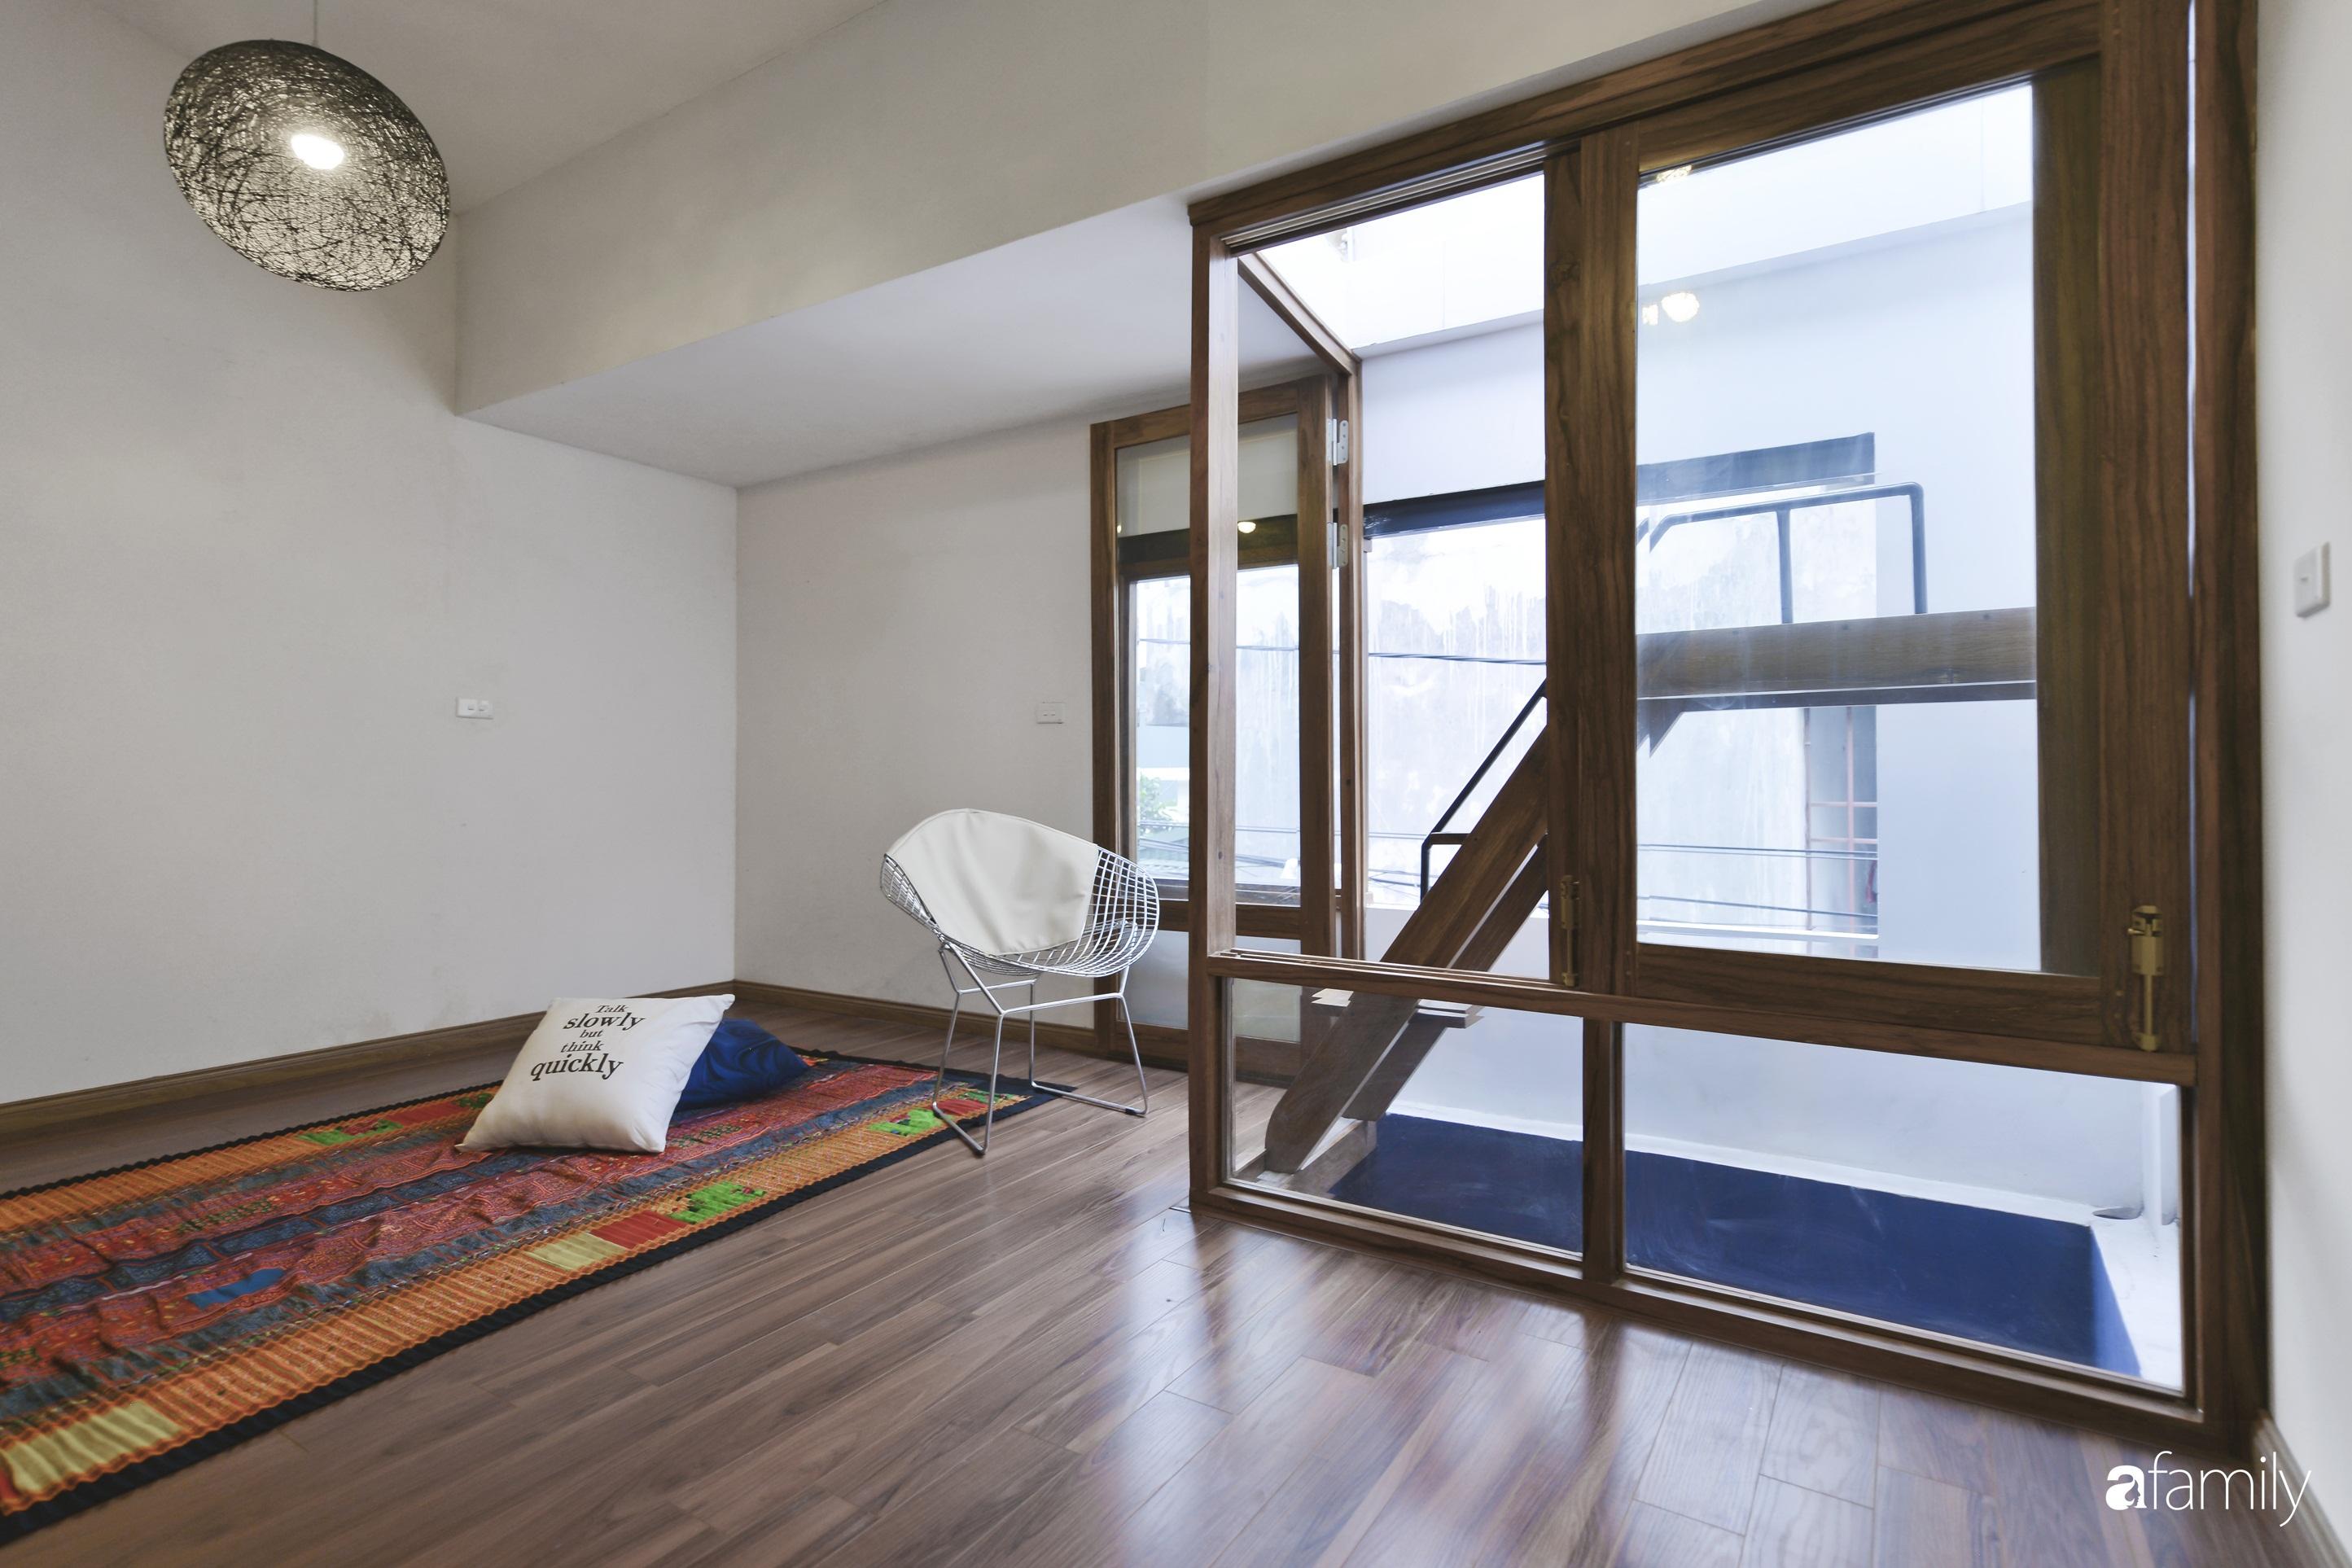 Vẻ đẹp của gỗ kết hợp nội thất đơn giản trong ngôi nhà 45,6m² ở ngõ nhỏ Hà Nội sau khi cải tạo - Ảnh 12.